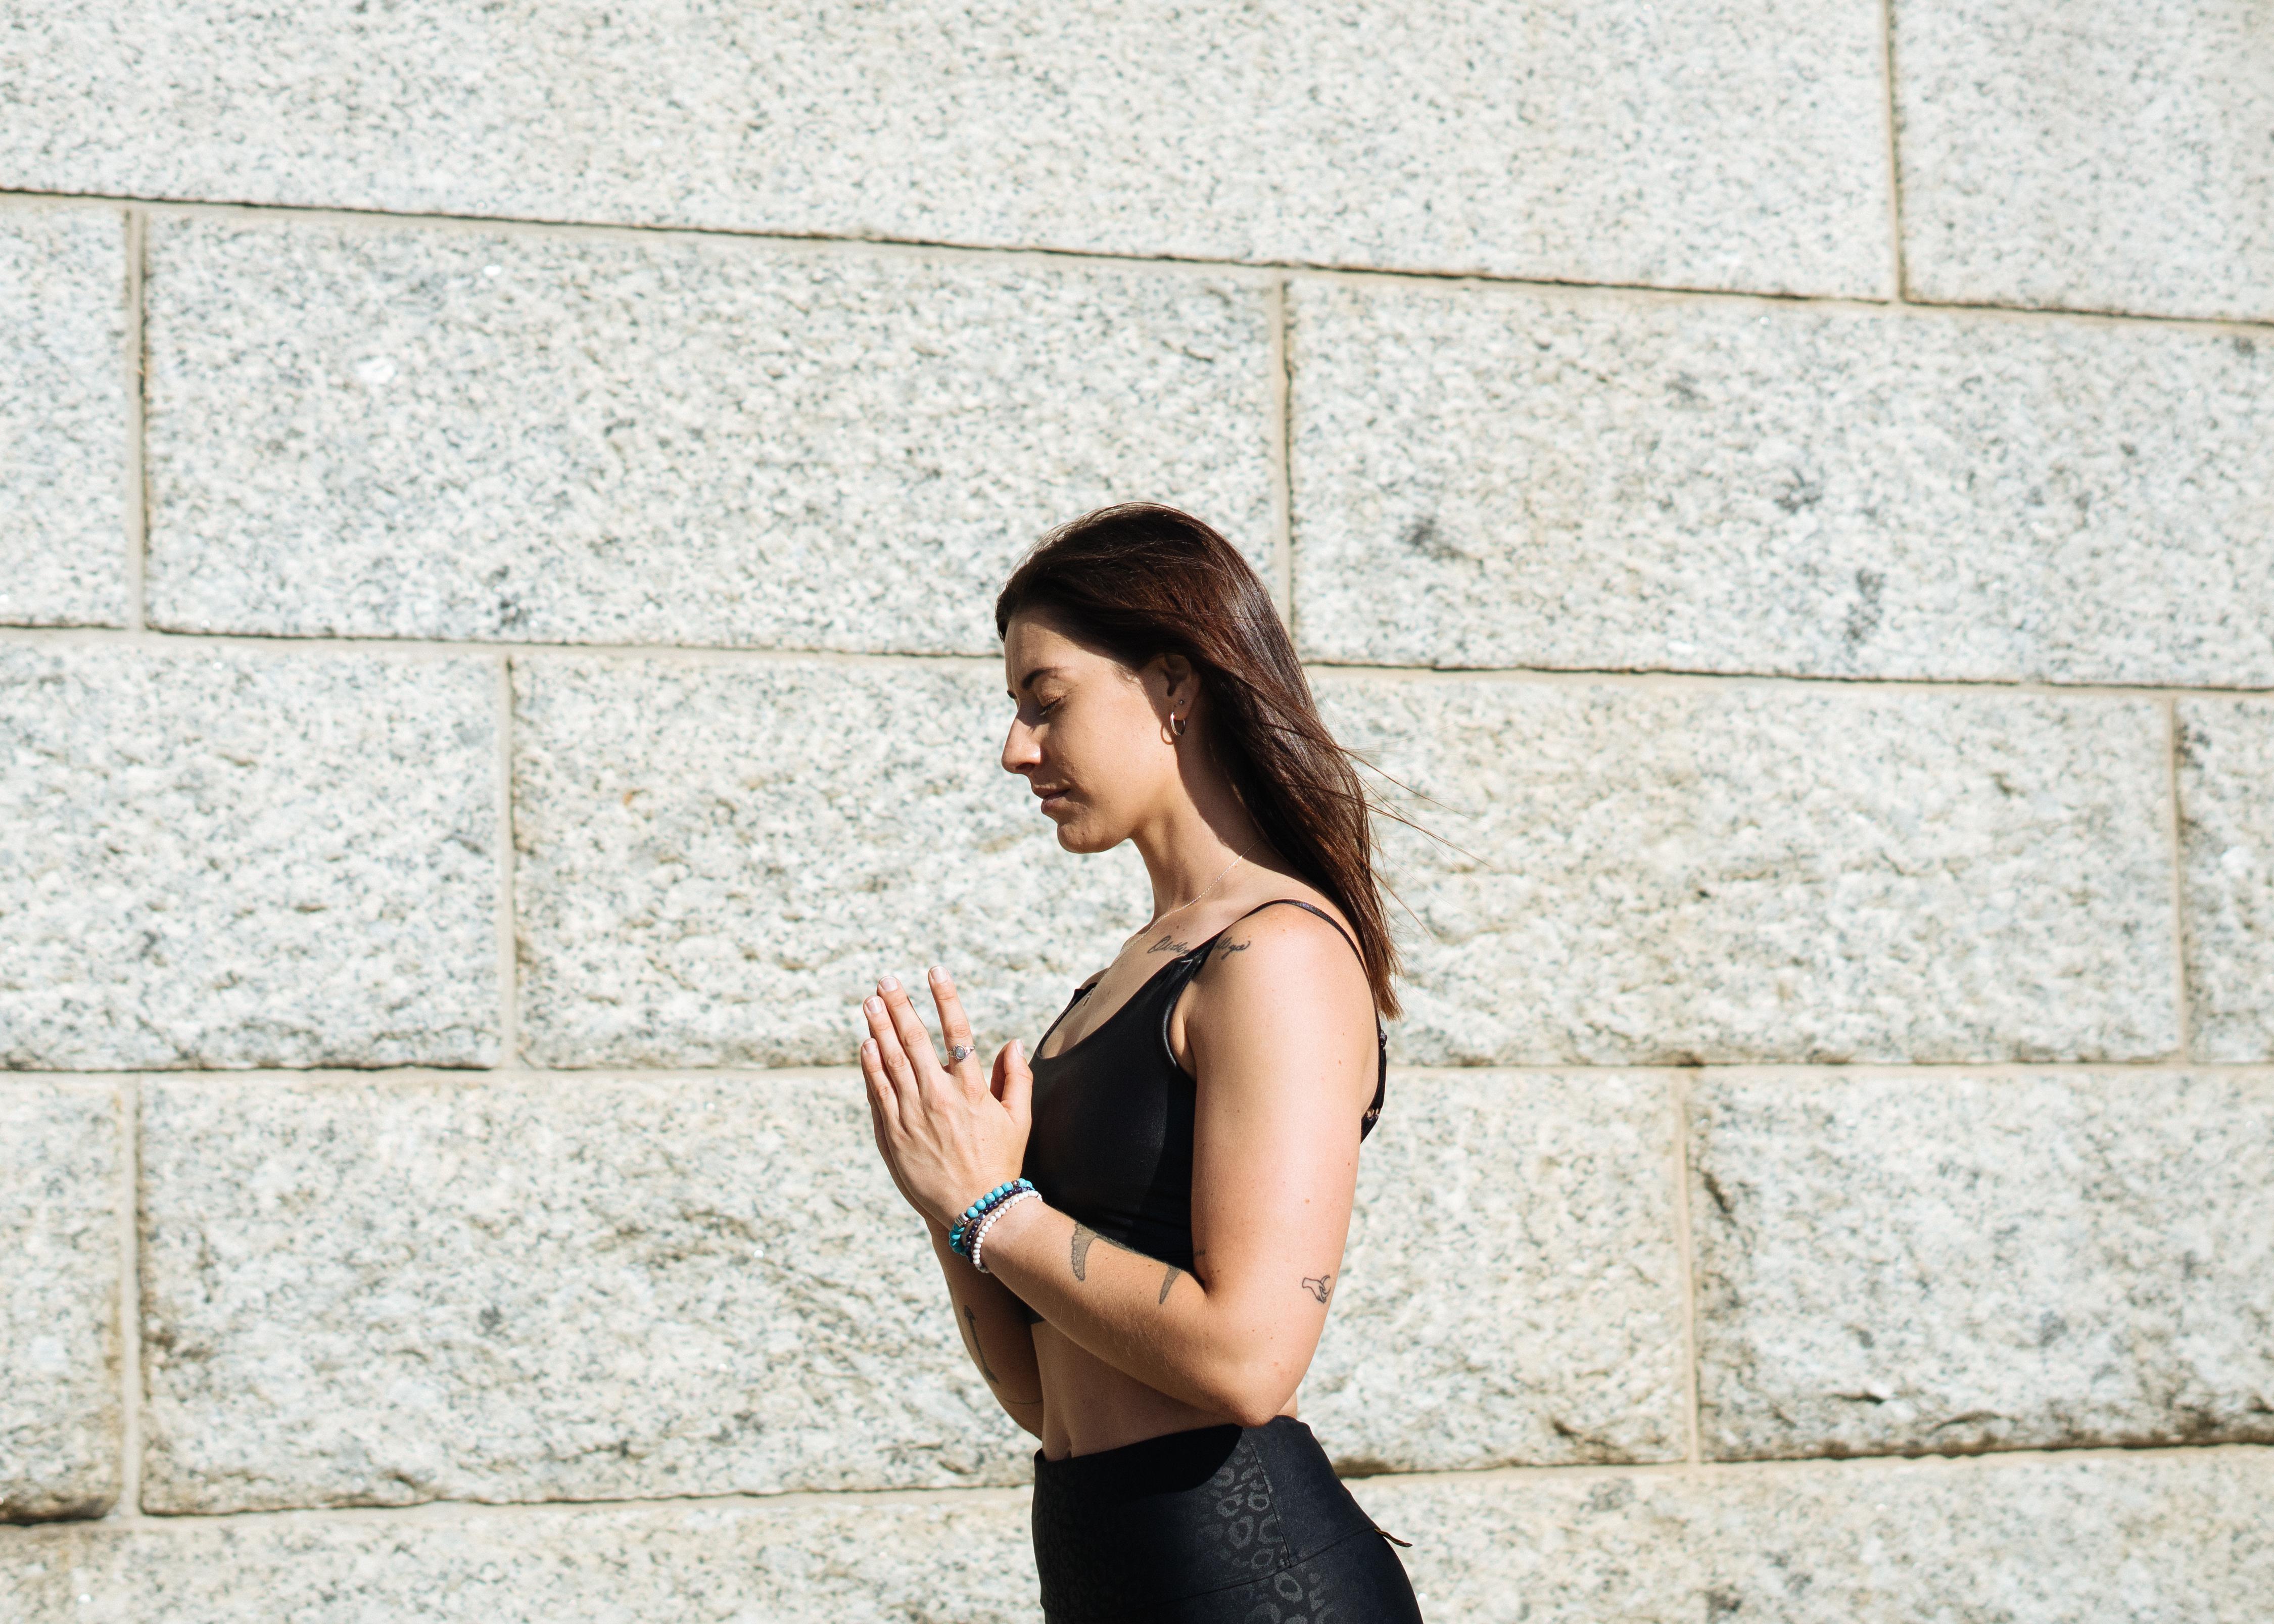 pexels photo 3820346 - Yoga for Women: Basic Yoga Lessons for Women